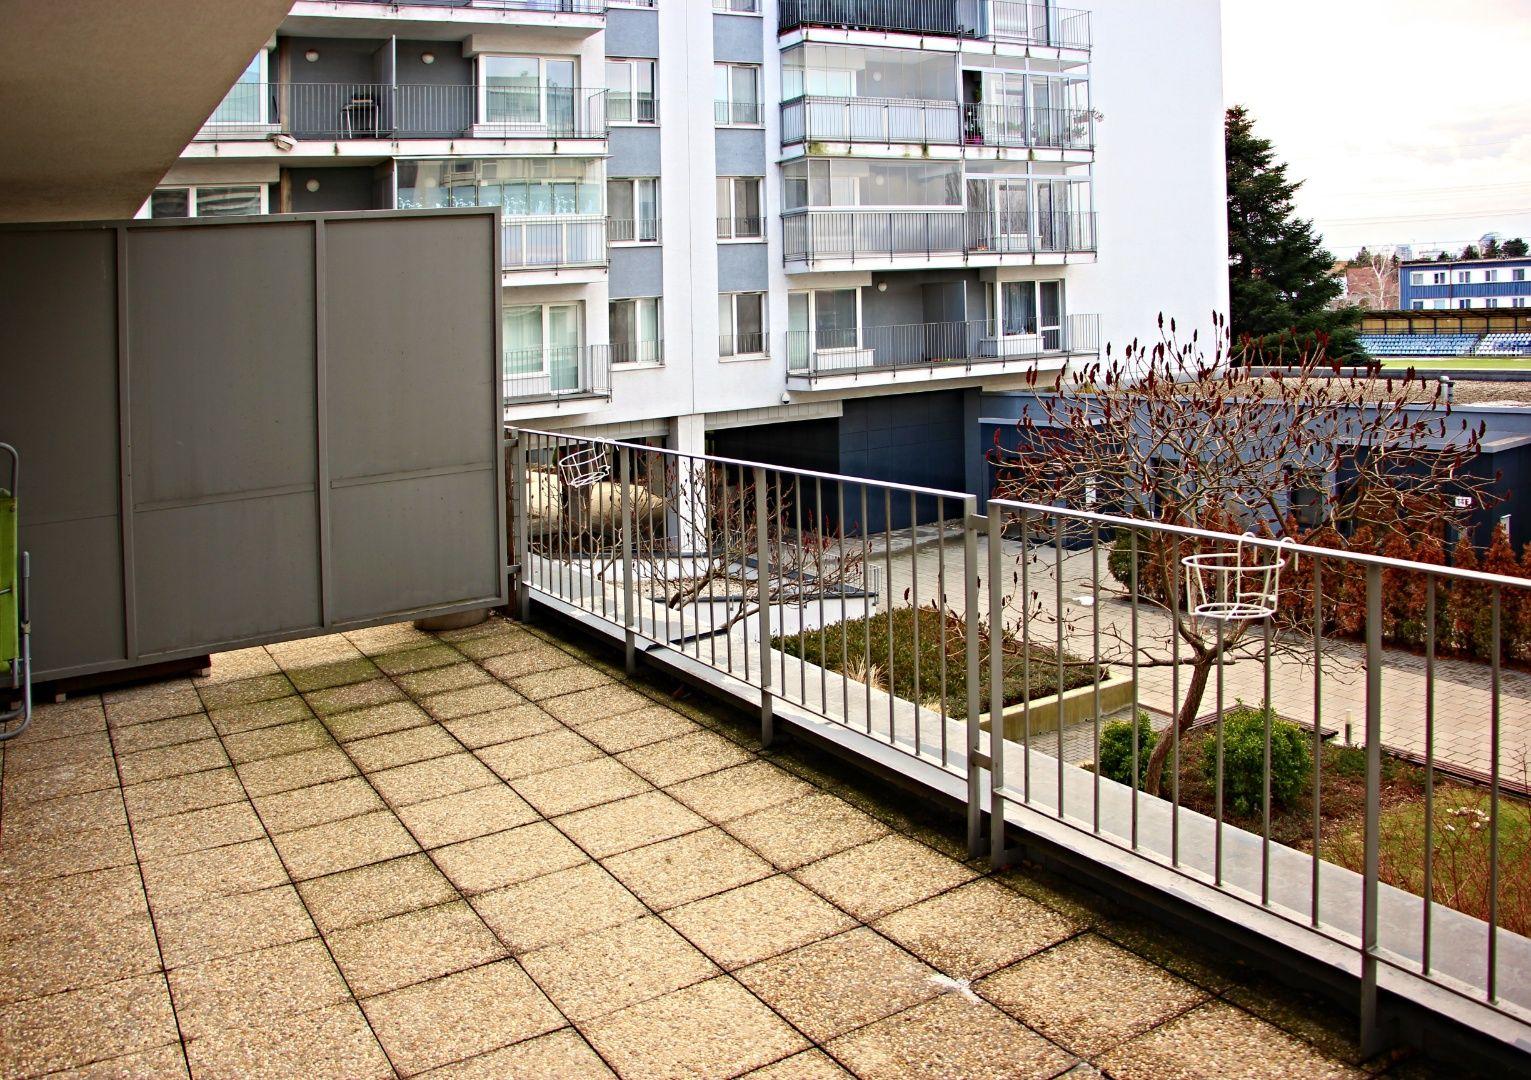 NA PRENÁJOM: 1-izb. byt, Hrachová ulica, Bratislava-Ružinov